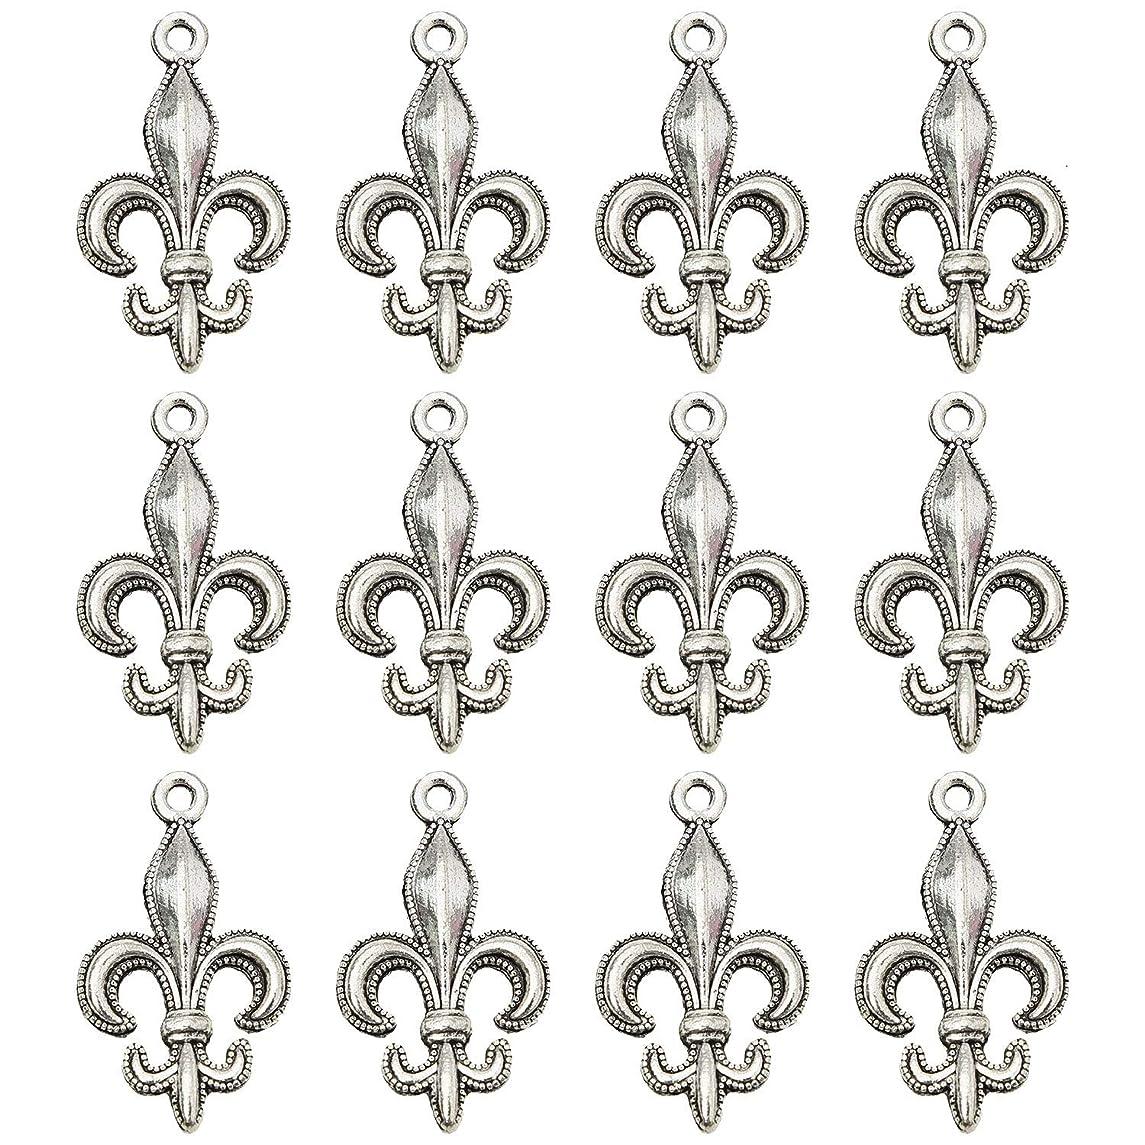 Monrocco 100 Pcs Antique Silver Fleur De Lis Charms Pendant Bulk for Bracelets Jewelry Making Crafts